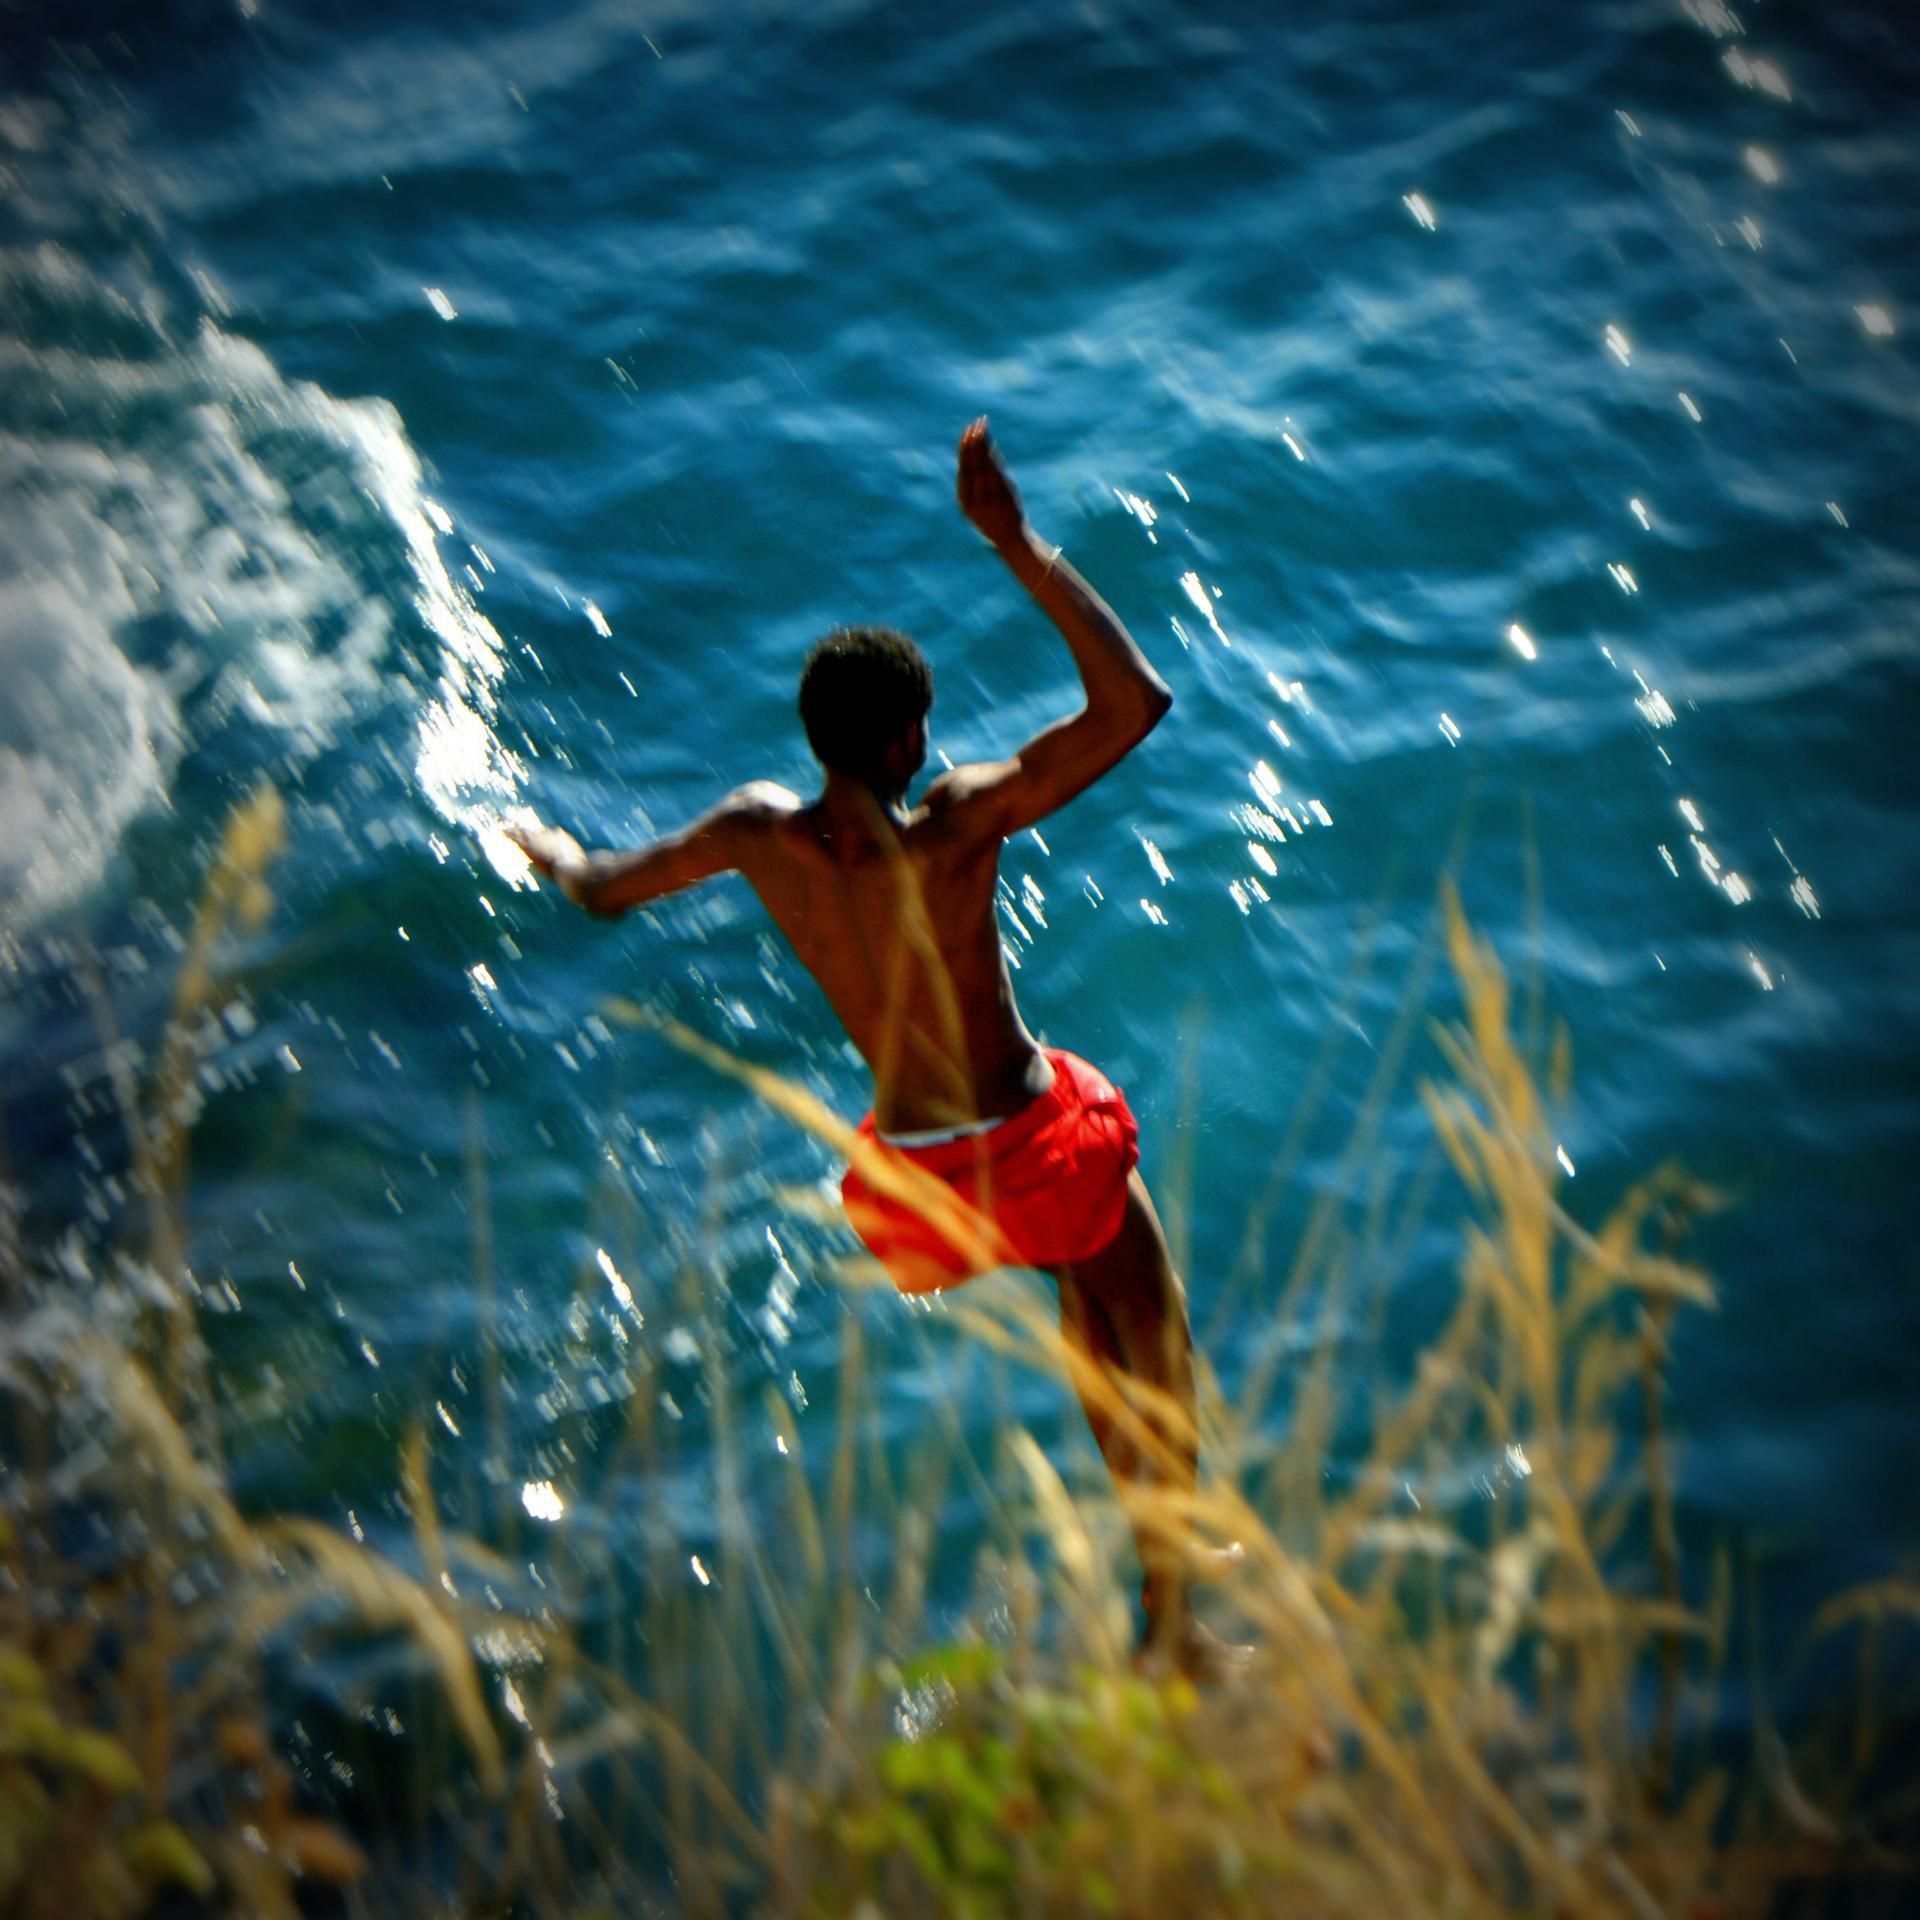 Le saut.